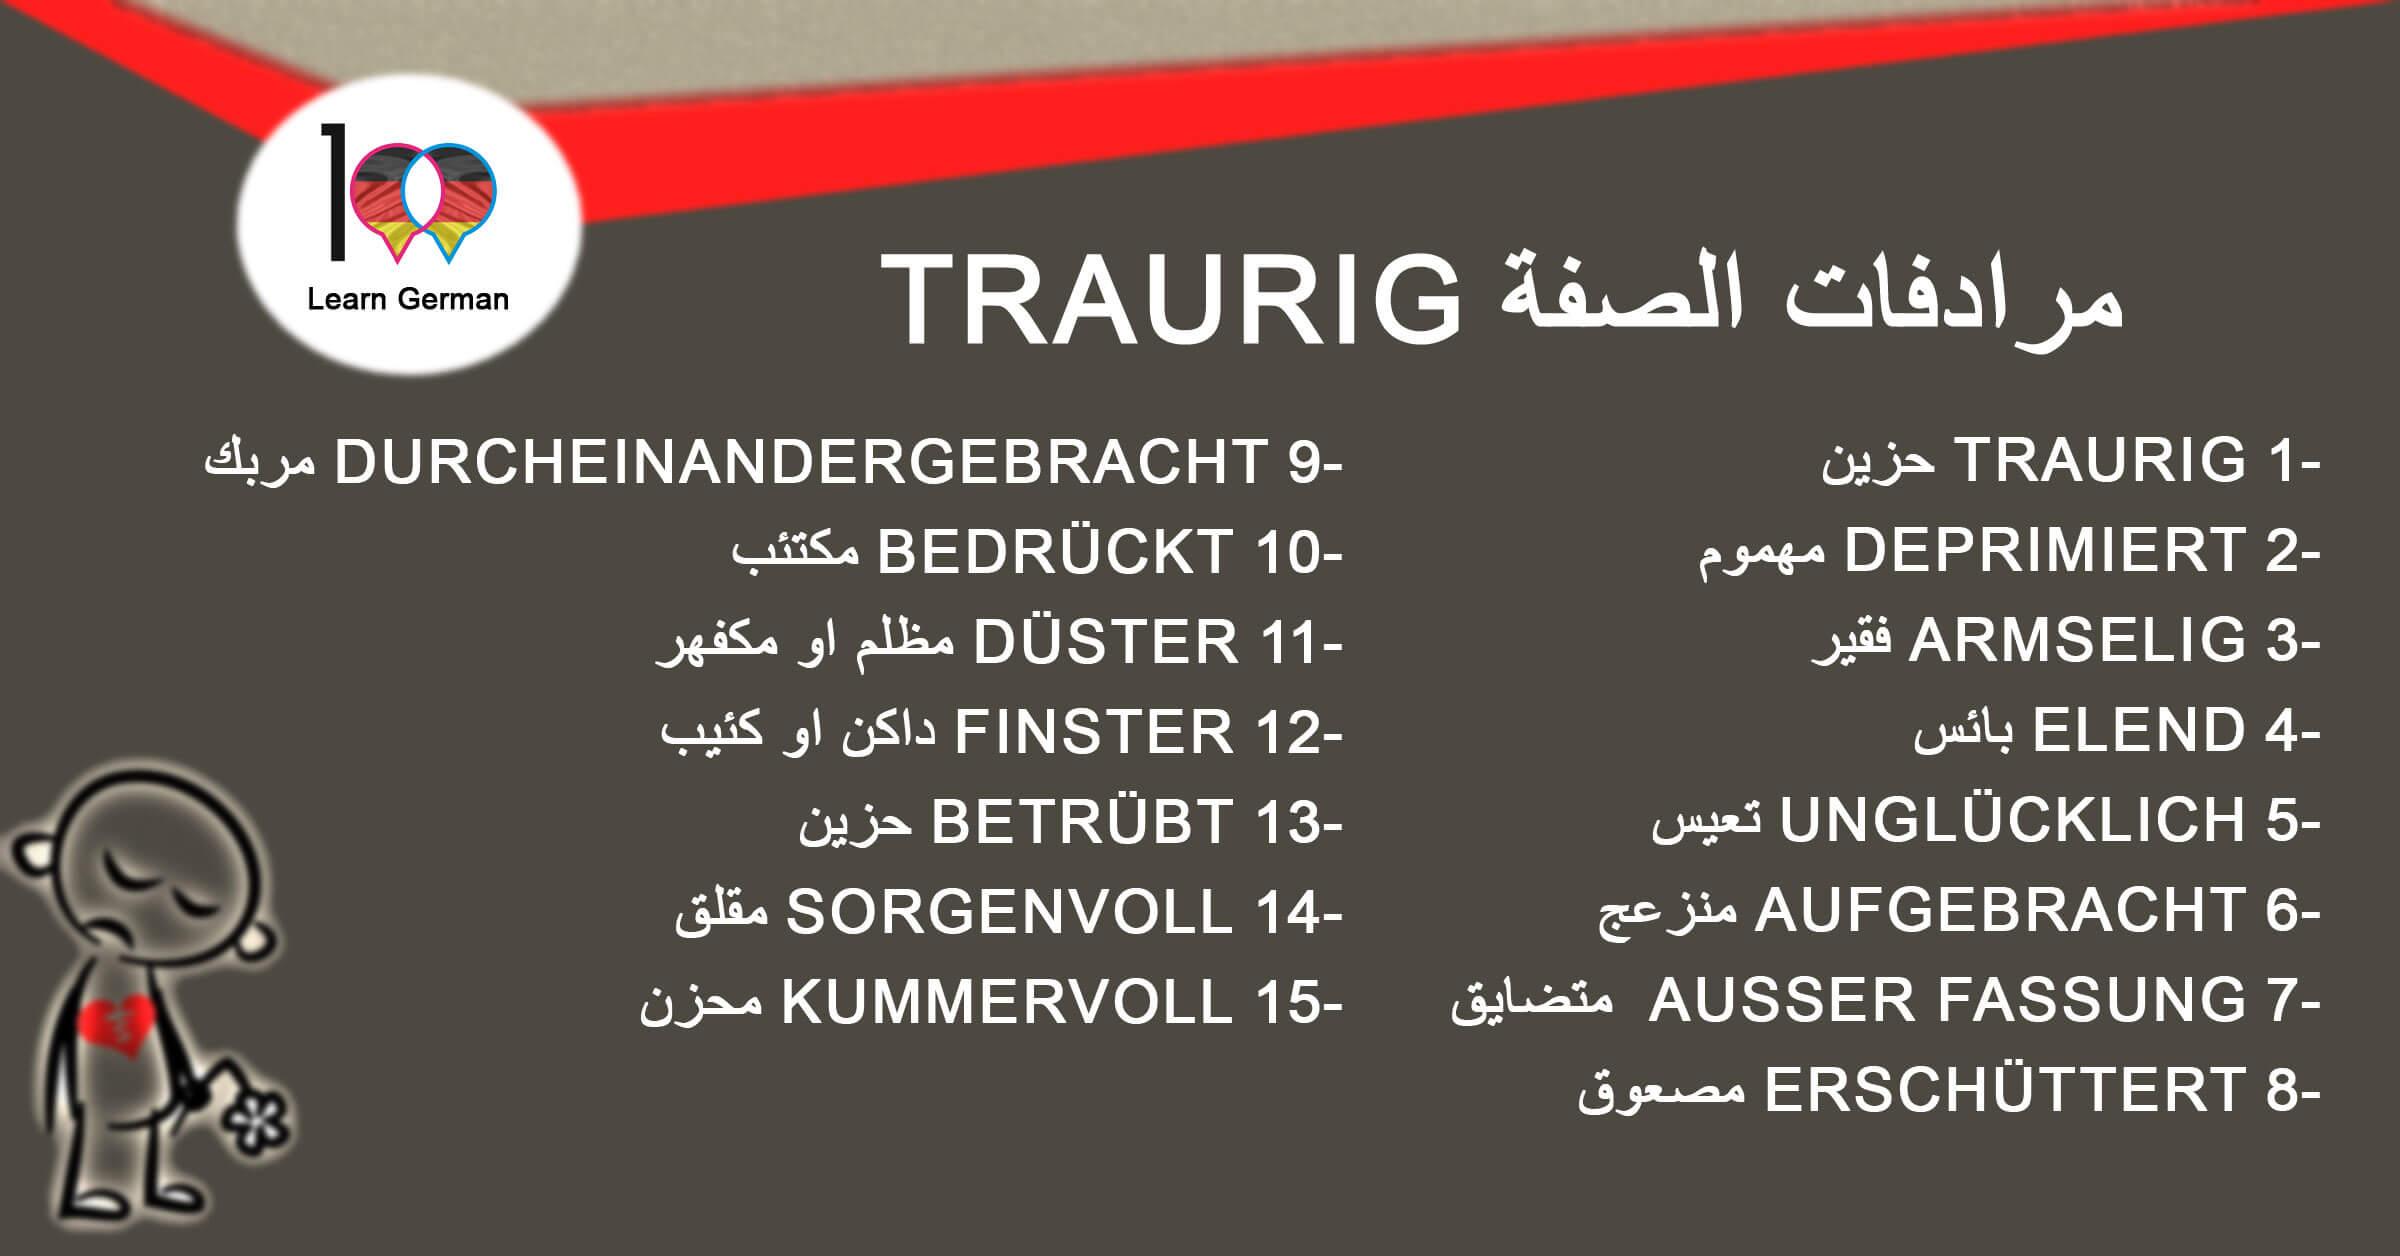 مرادفات الصفة Traurig - تعلم اللغة الالمانية traurig 1 تعلم اللغة الالمانية